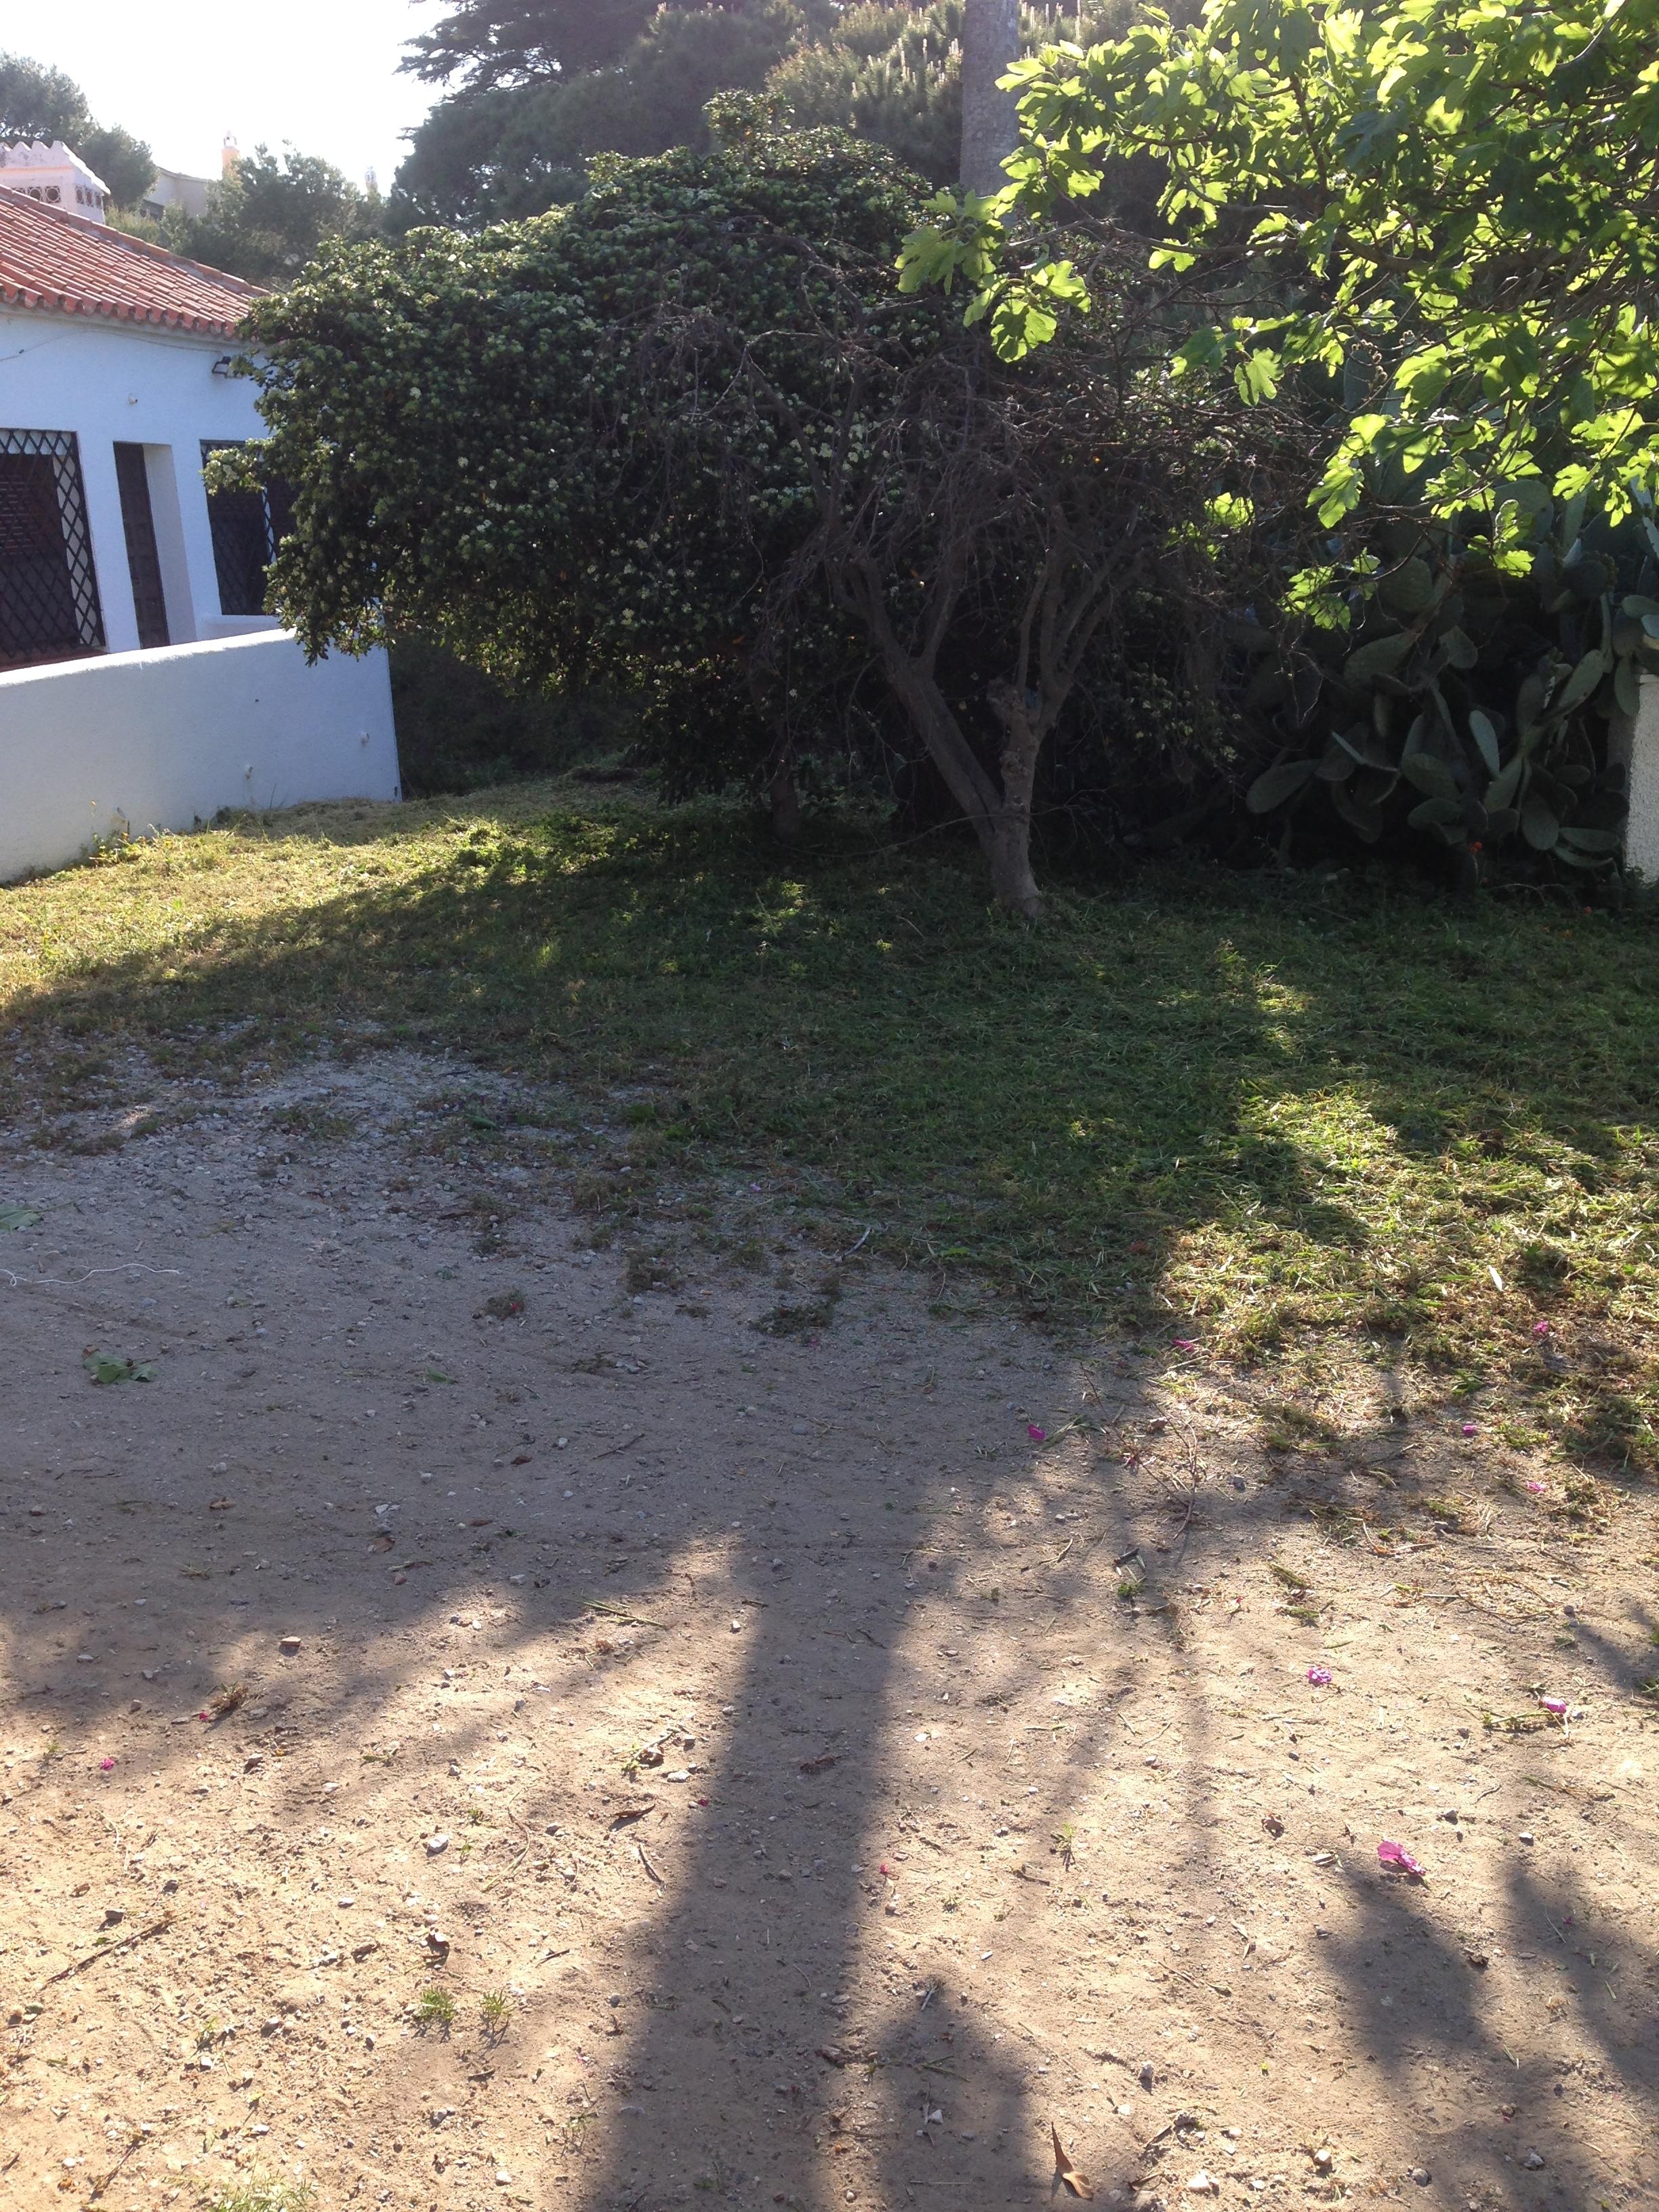 Mantenimiento y limpieza de jardines obras y servicios for Mantenimiento de jardines